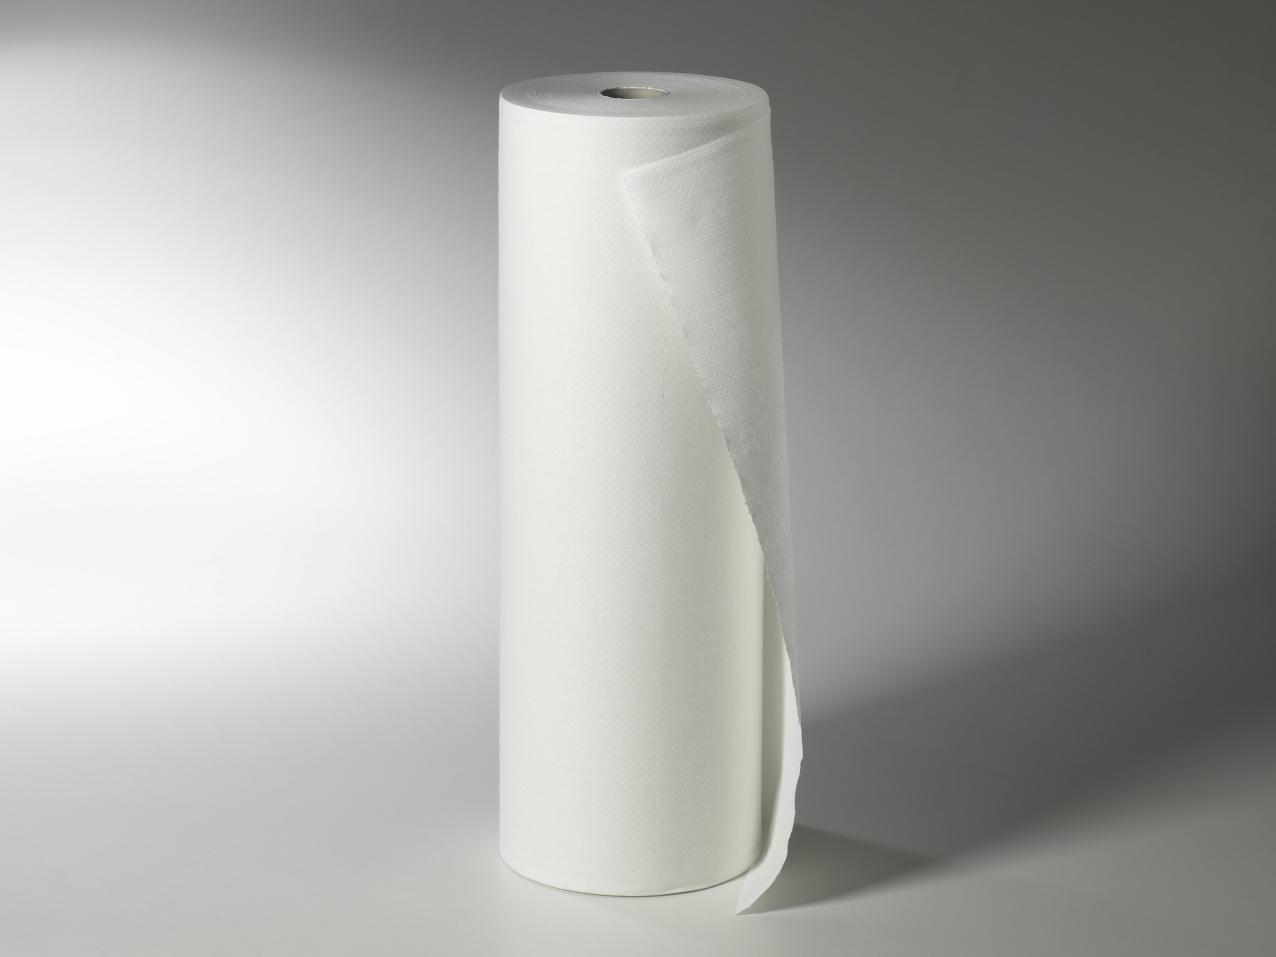 Fripa-Ärztekrepp nova-line, 1-lagig 55 cm x 100 m (9 Rl.), hochweiß